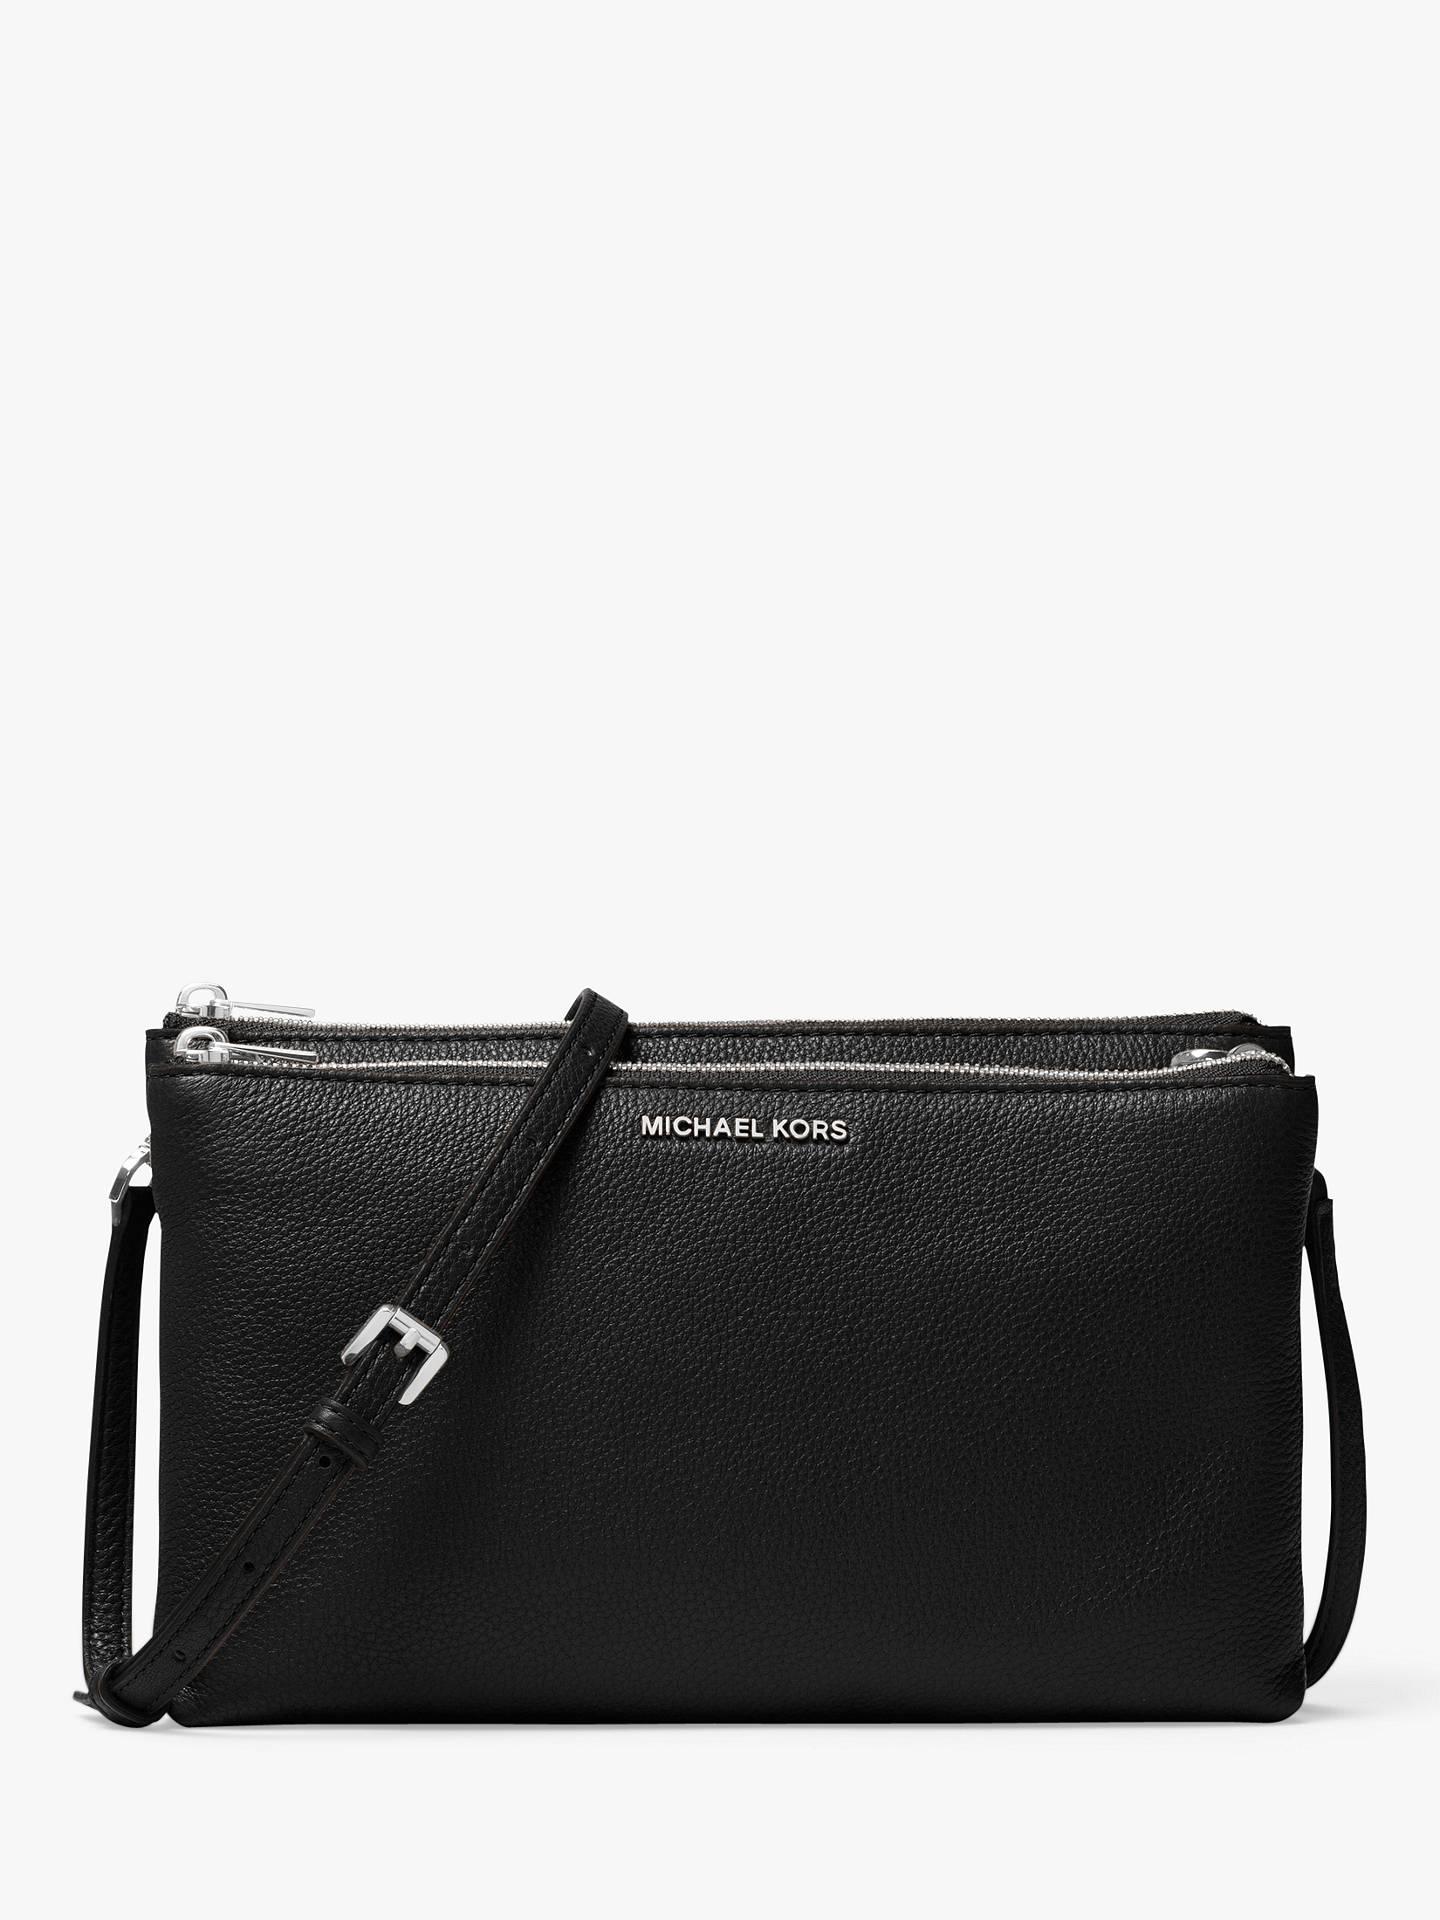 3339fd7d9909 BuyMichael Kors Crossbodies Leather Double Zip Cross Body Bag